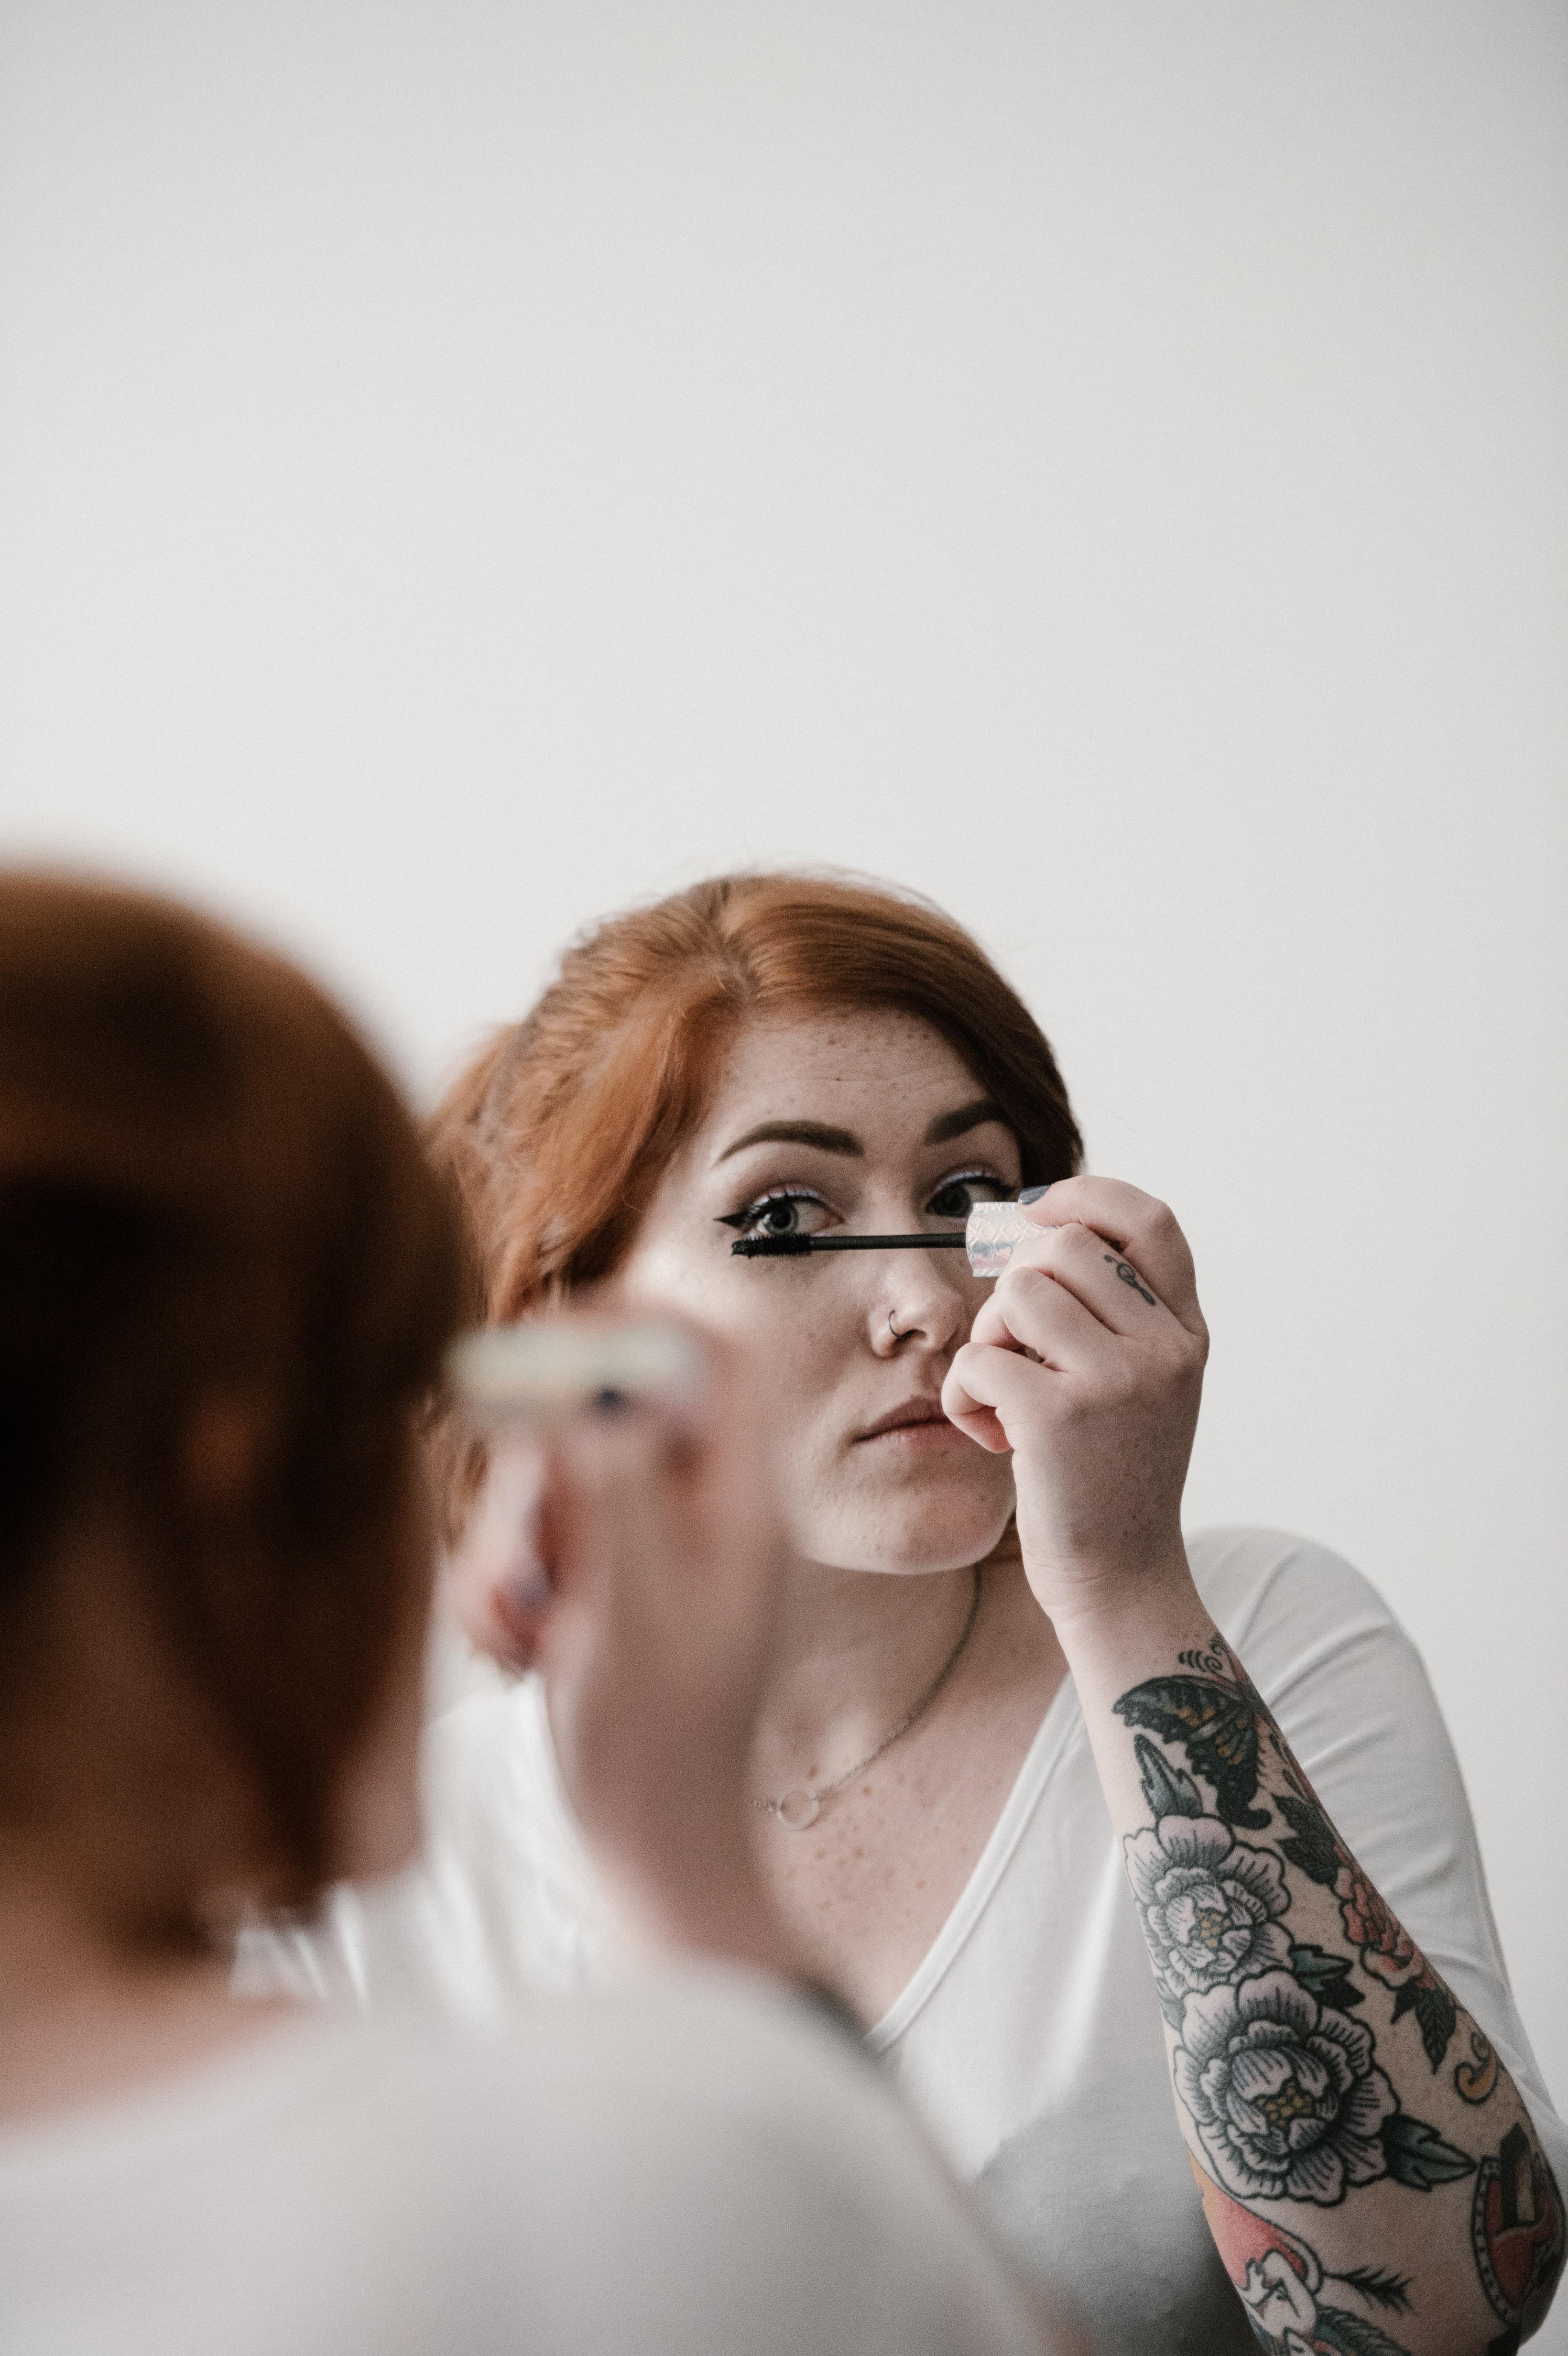 woman using makeup during daytime